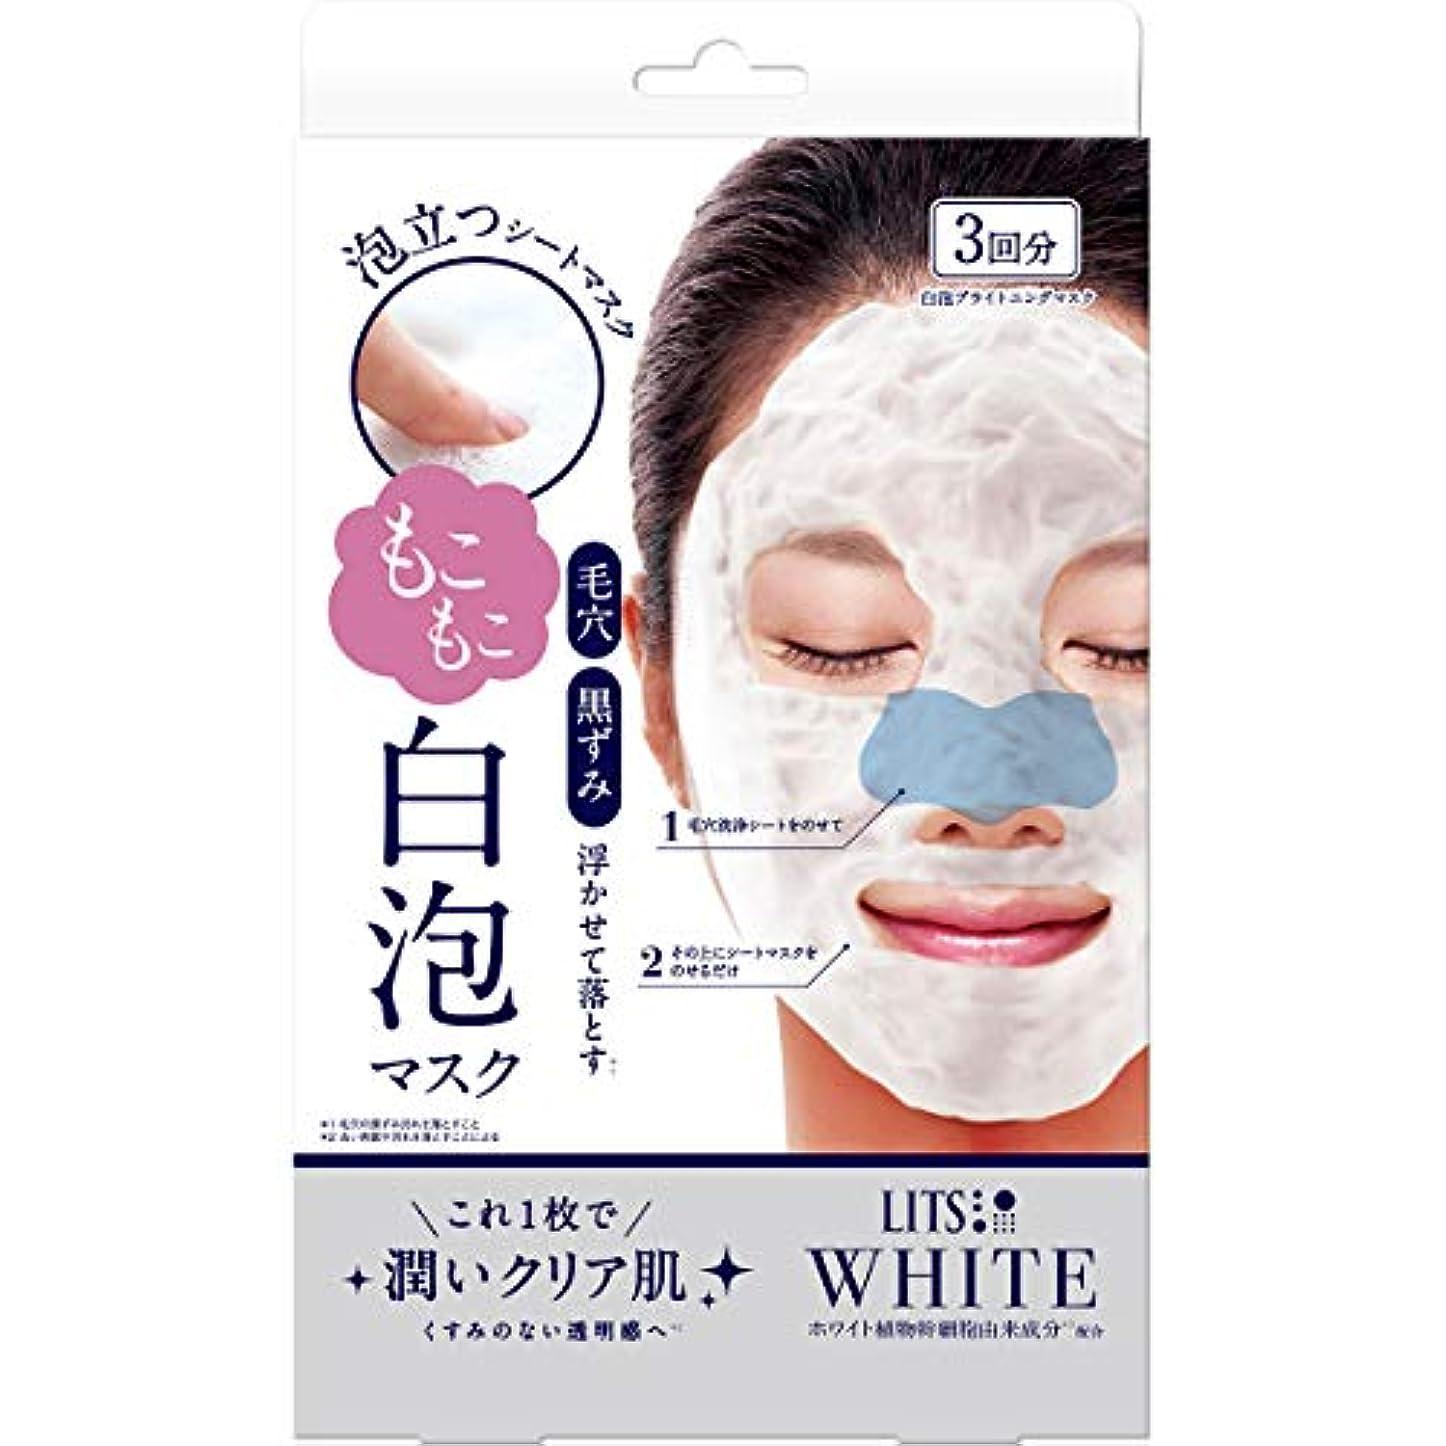 谷同種の達成リッツ ホワイト もこもこ白泡マスク 3枚